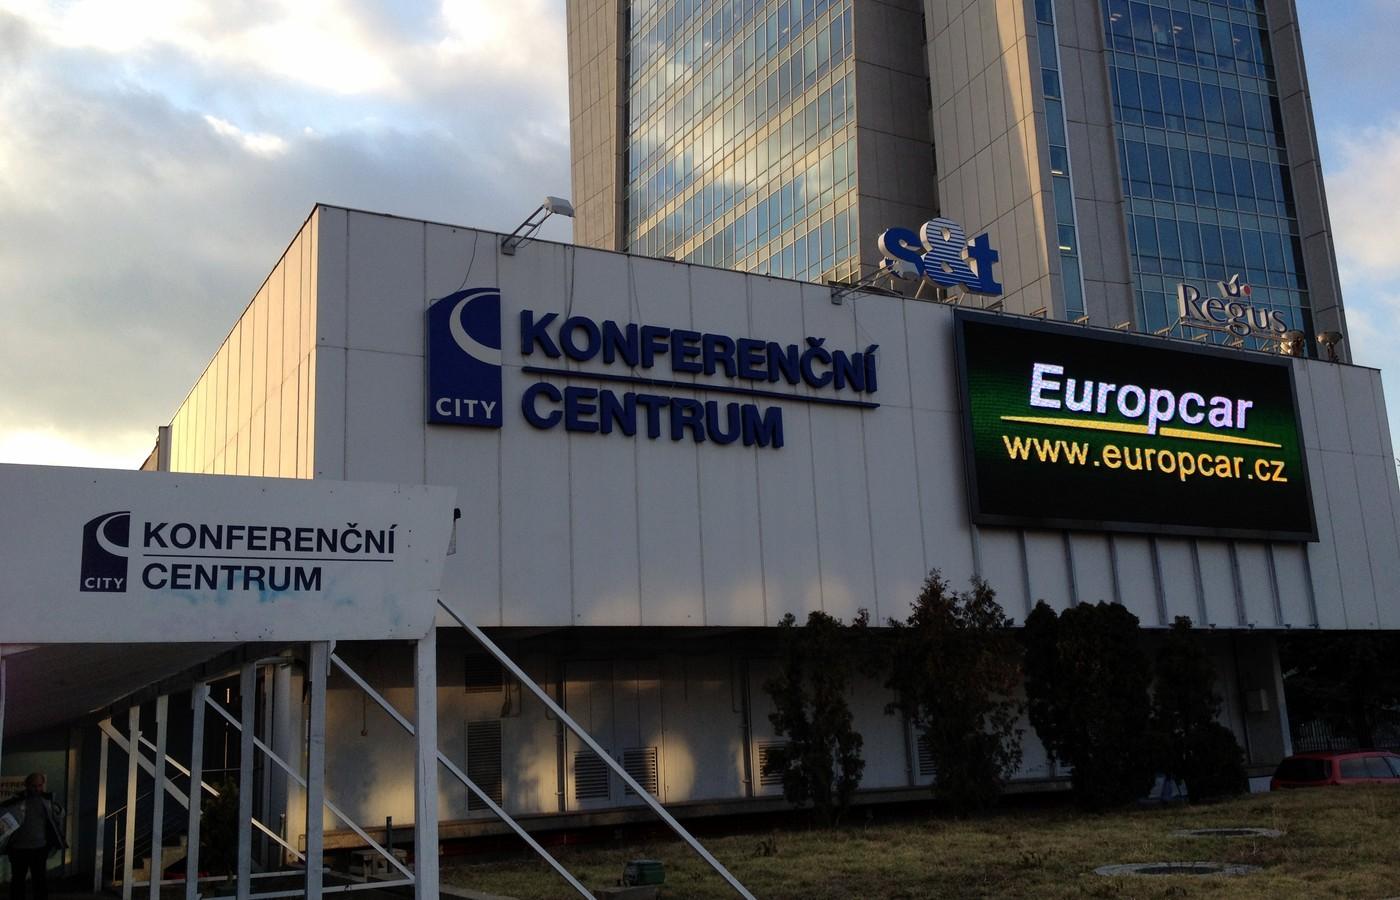 Konferenční centrum City na Praze 4